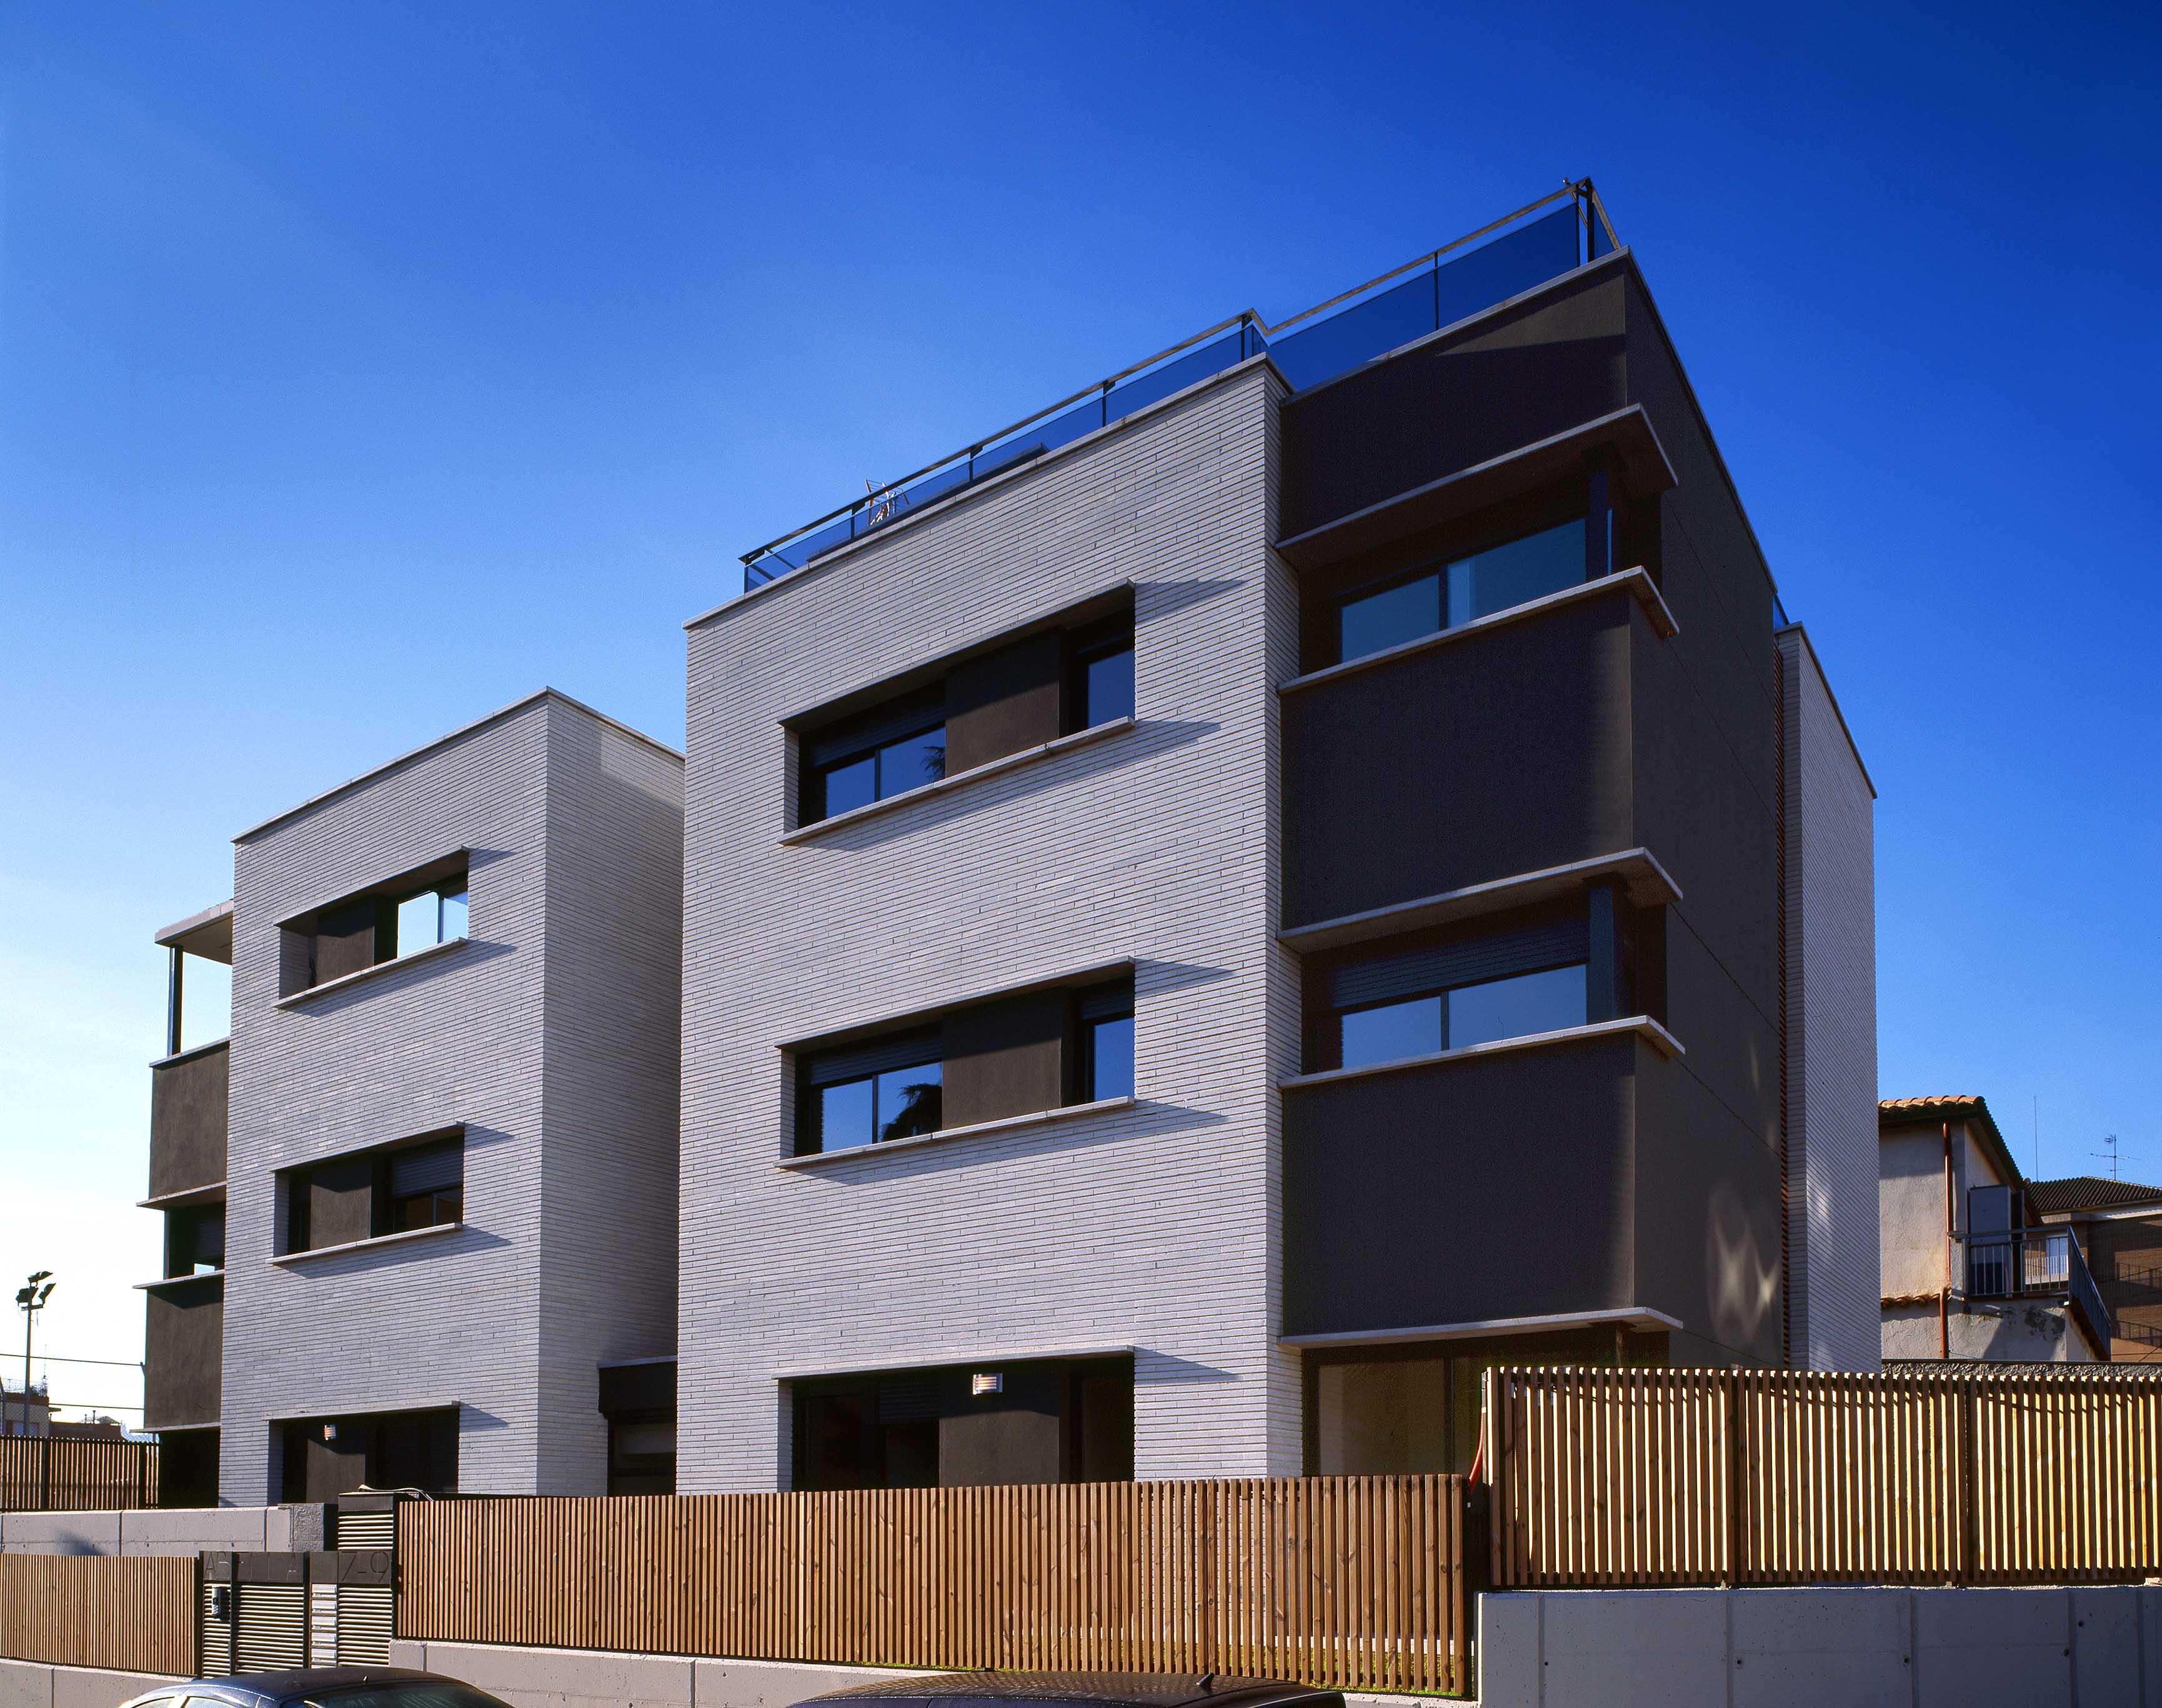 Edifici Plurifamiliar de 5 habitatges, aparcament i piscina   Sant Cugat 2007